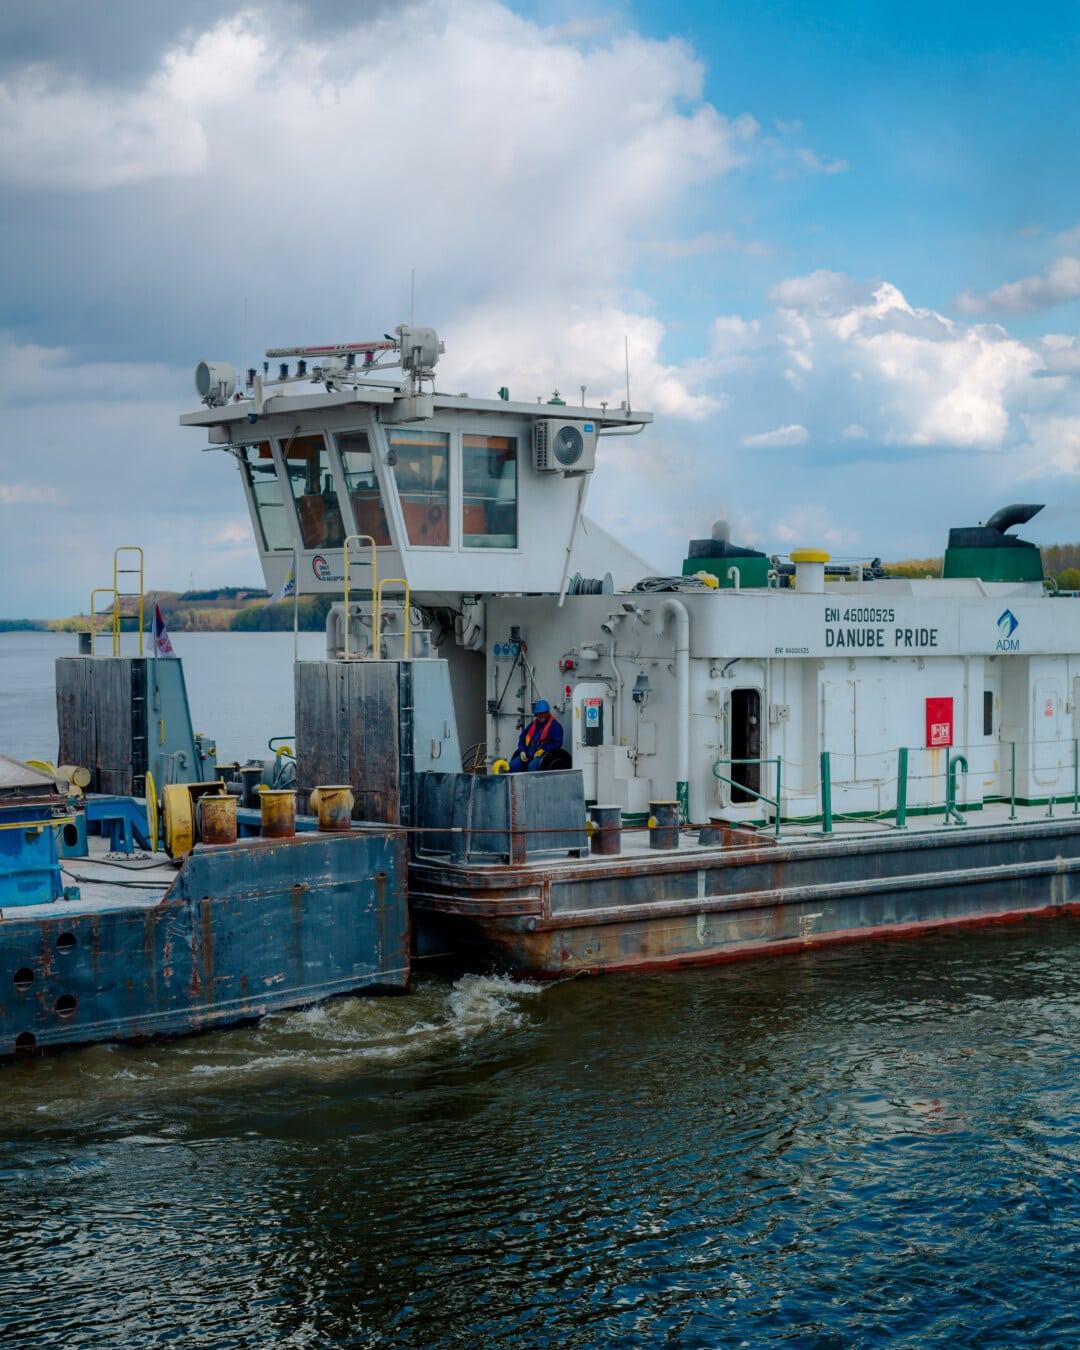 navire, rivière, Danube, secteur d'activité, quai, barge, lieu de travail, remorqueur, mer, port